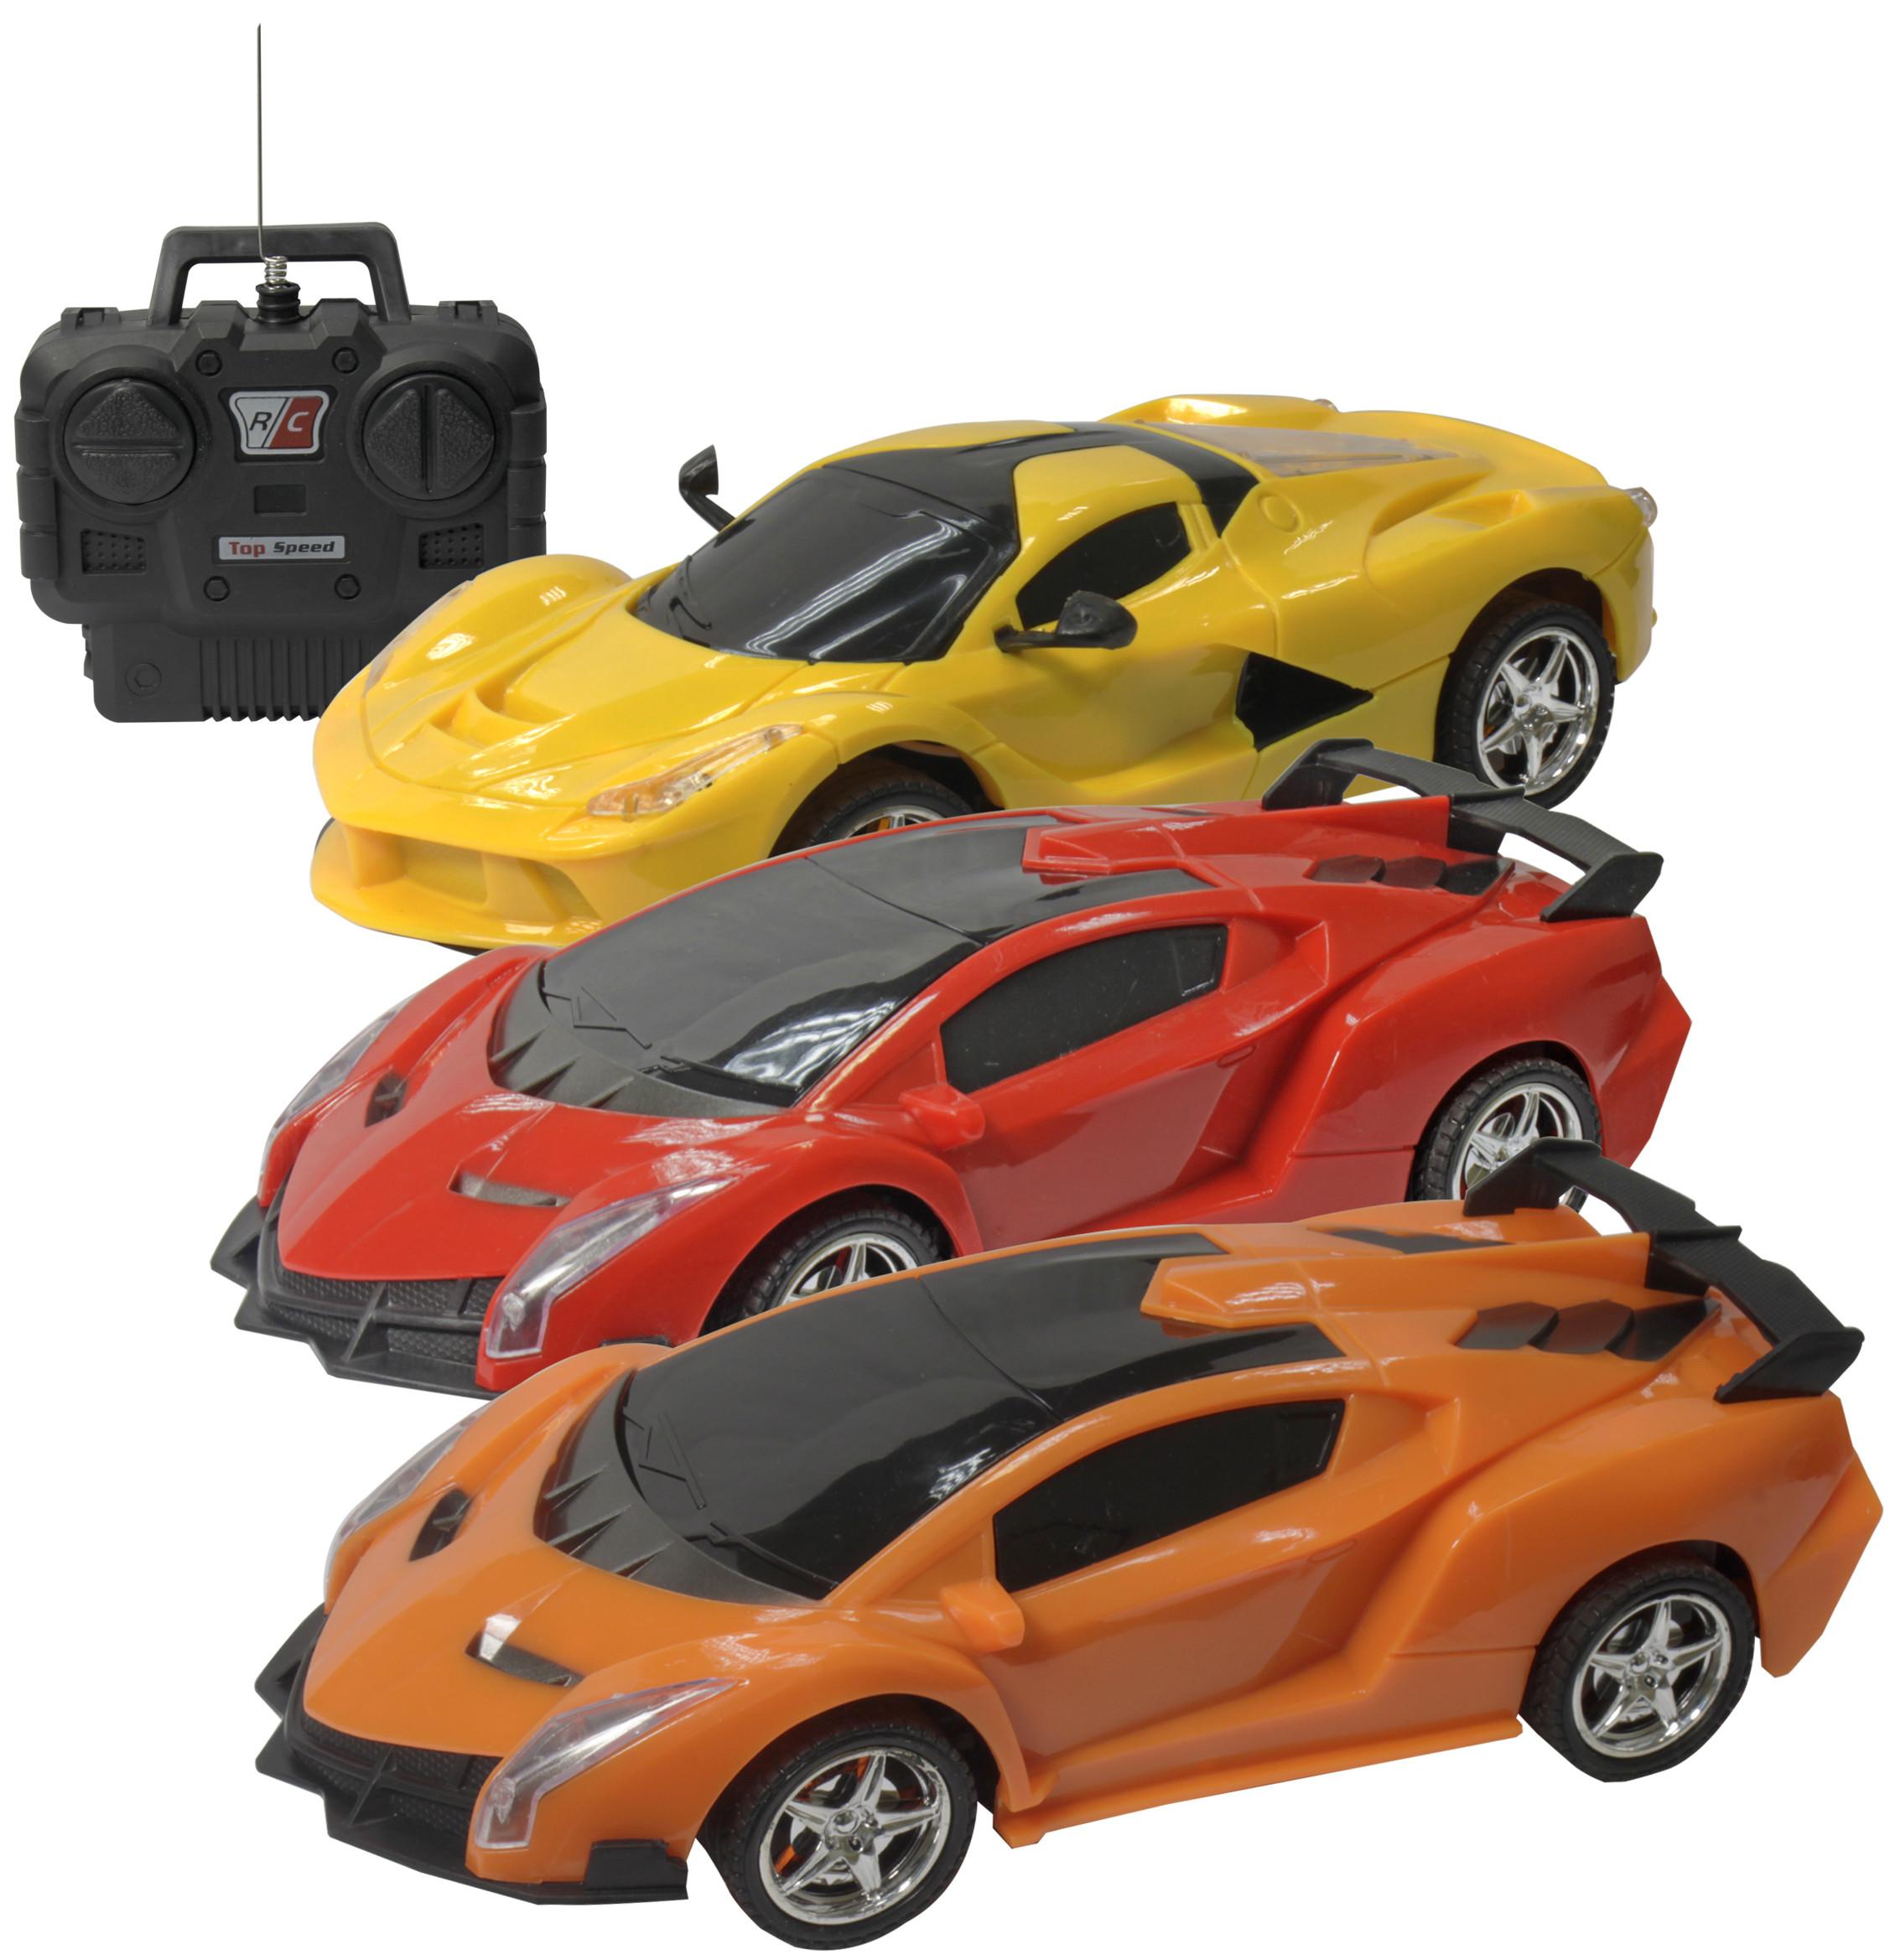 Машинки и мотоциклы 1toy на радиоуправлении 1:20 машинки и мотоциклы 1toy машинка р у 1тoy hot wheels н68 со светом чёрная